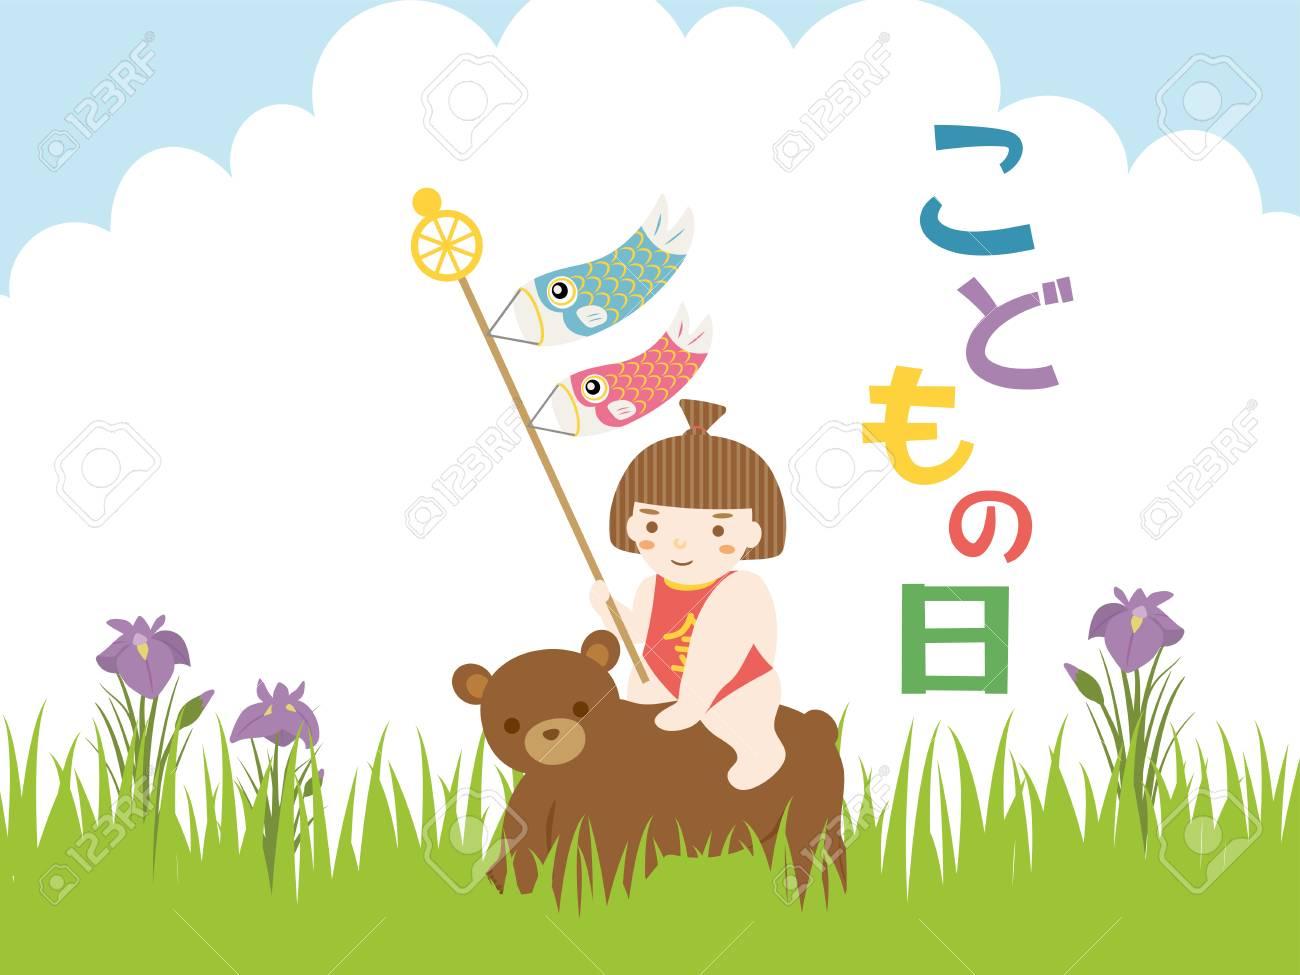 Children's day.